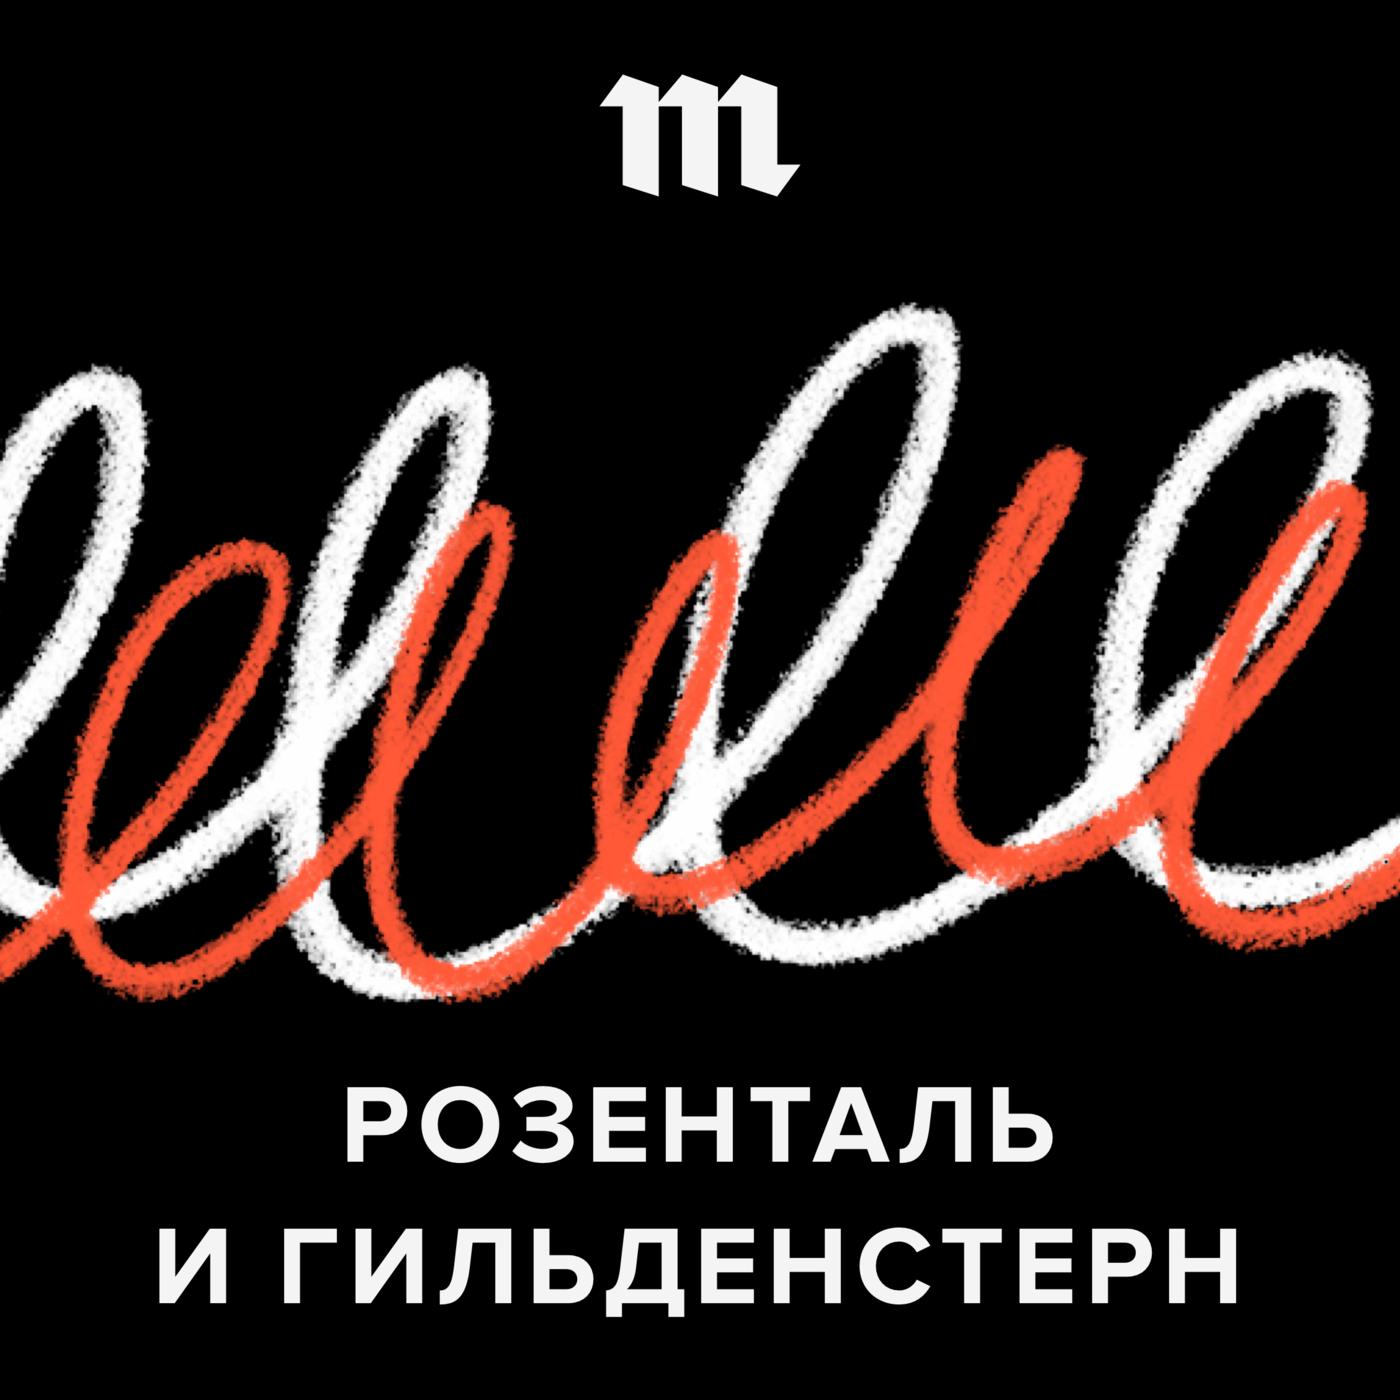 Владимир Пахомов Битва за феминитивы: когда авторки и блогерки станут нормой? владимир пахомов битва за феминитивы когда авторки и блогерки станут нормой